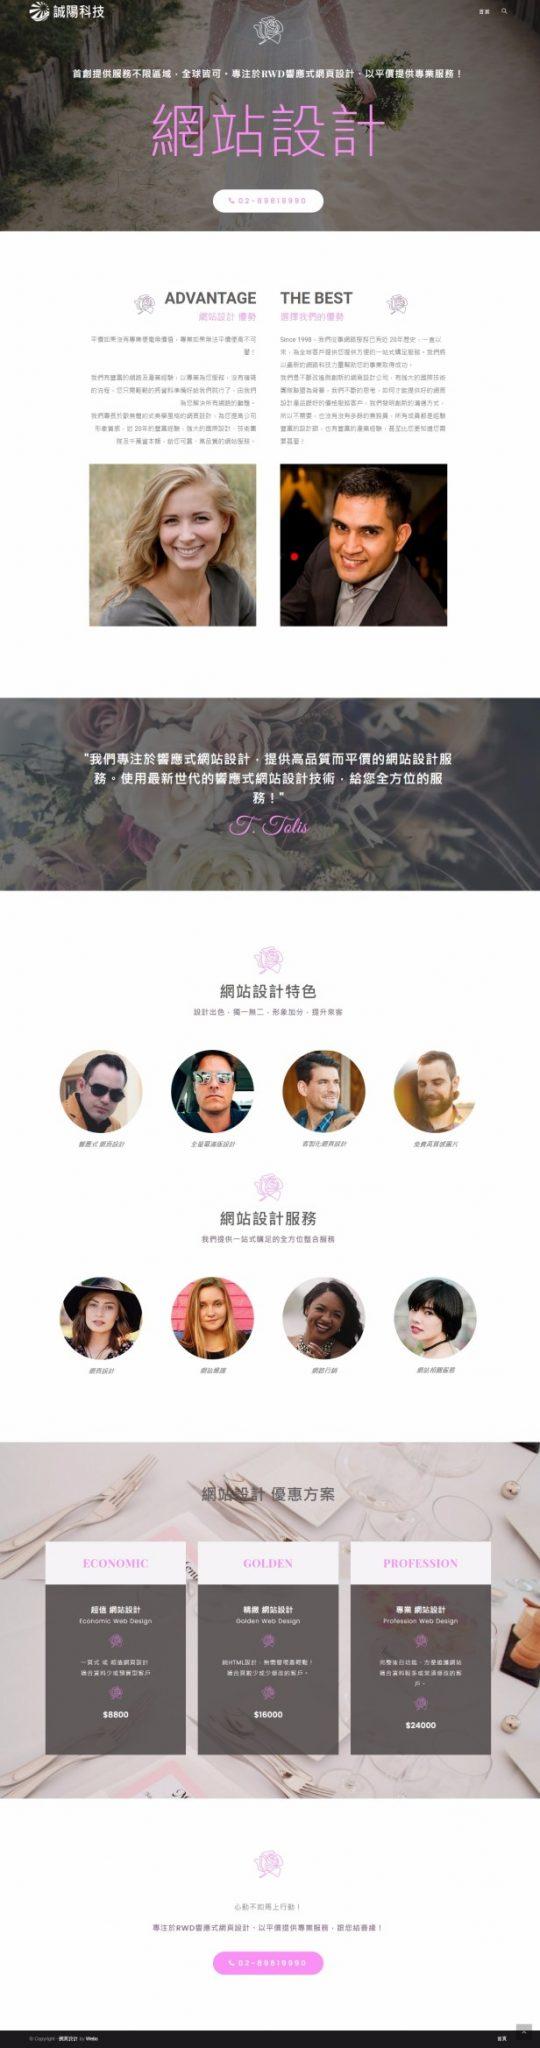 網頁設計-風格47-1